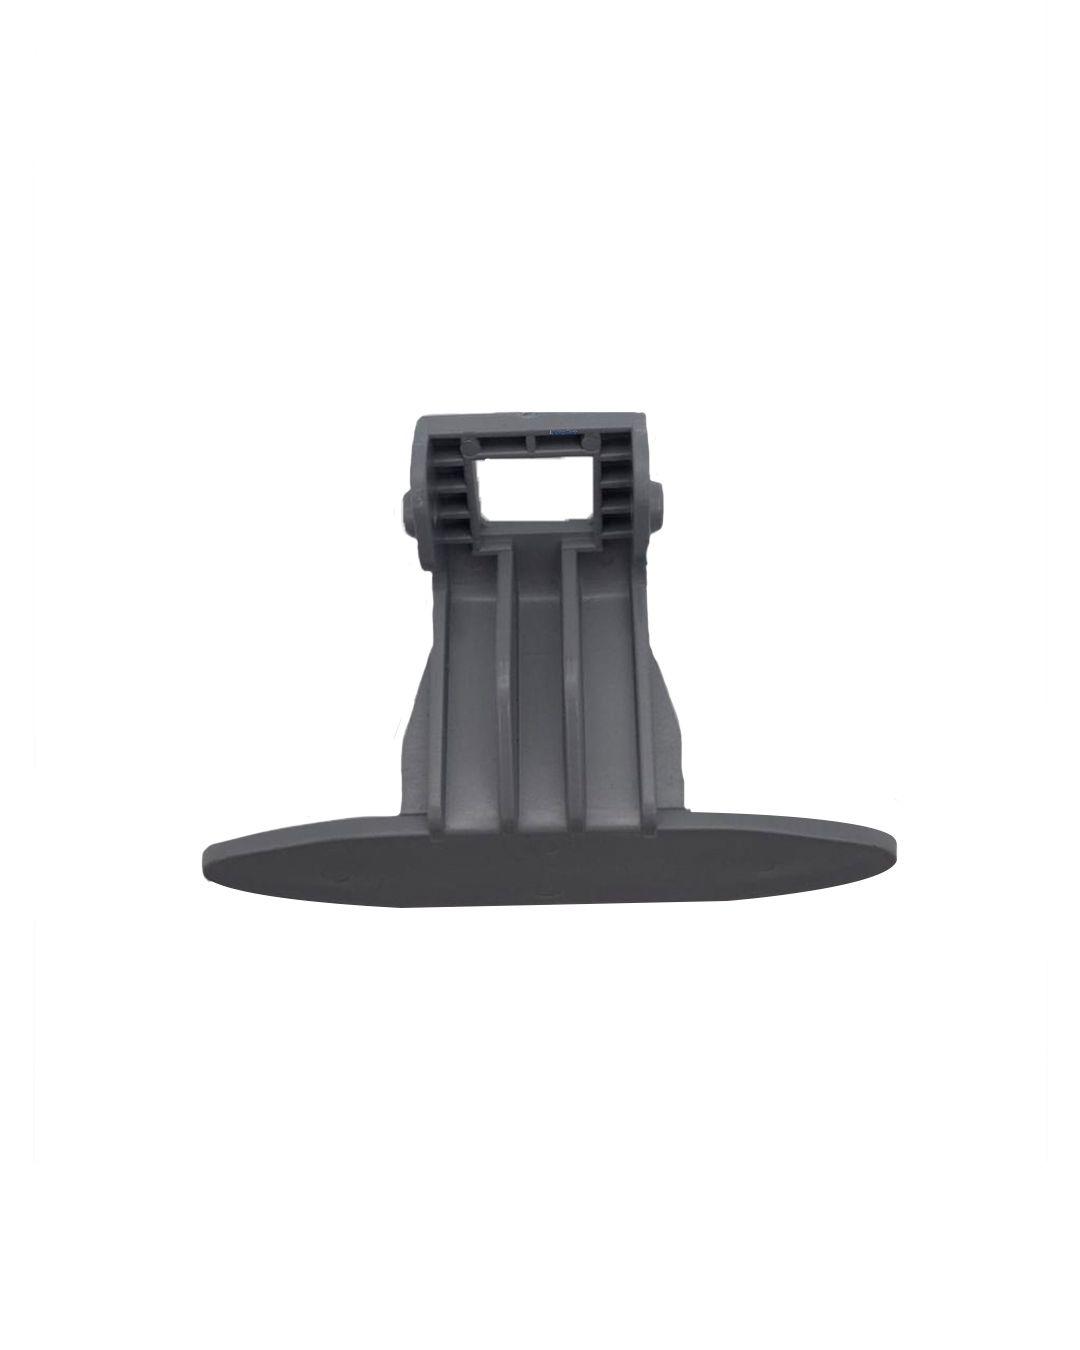 Puxador da Porta Lava e Seca Lg Wd-1412rt Meb61281101